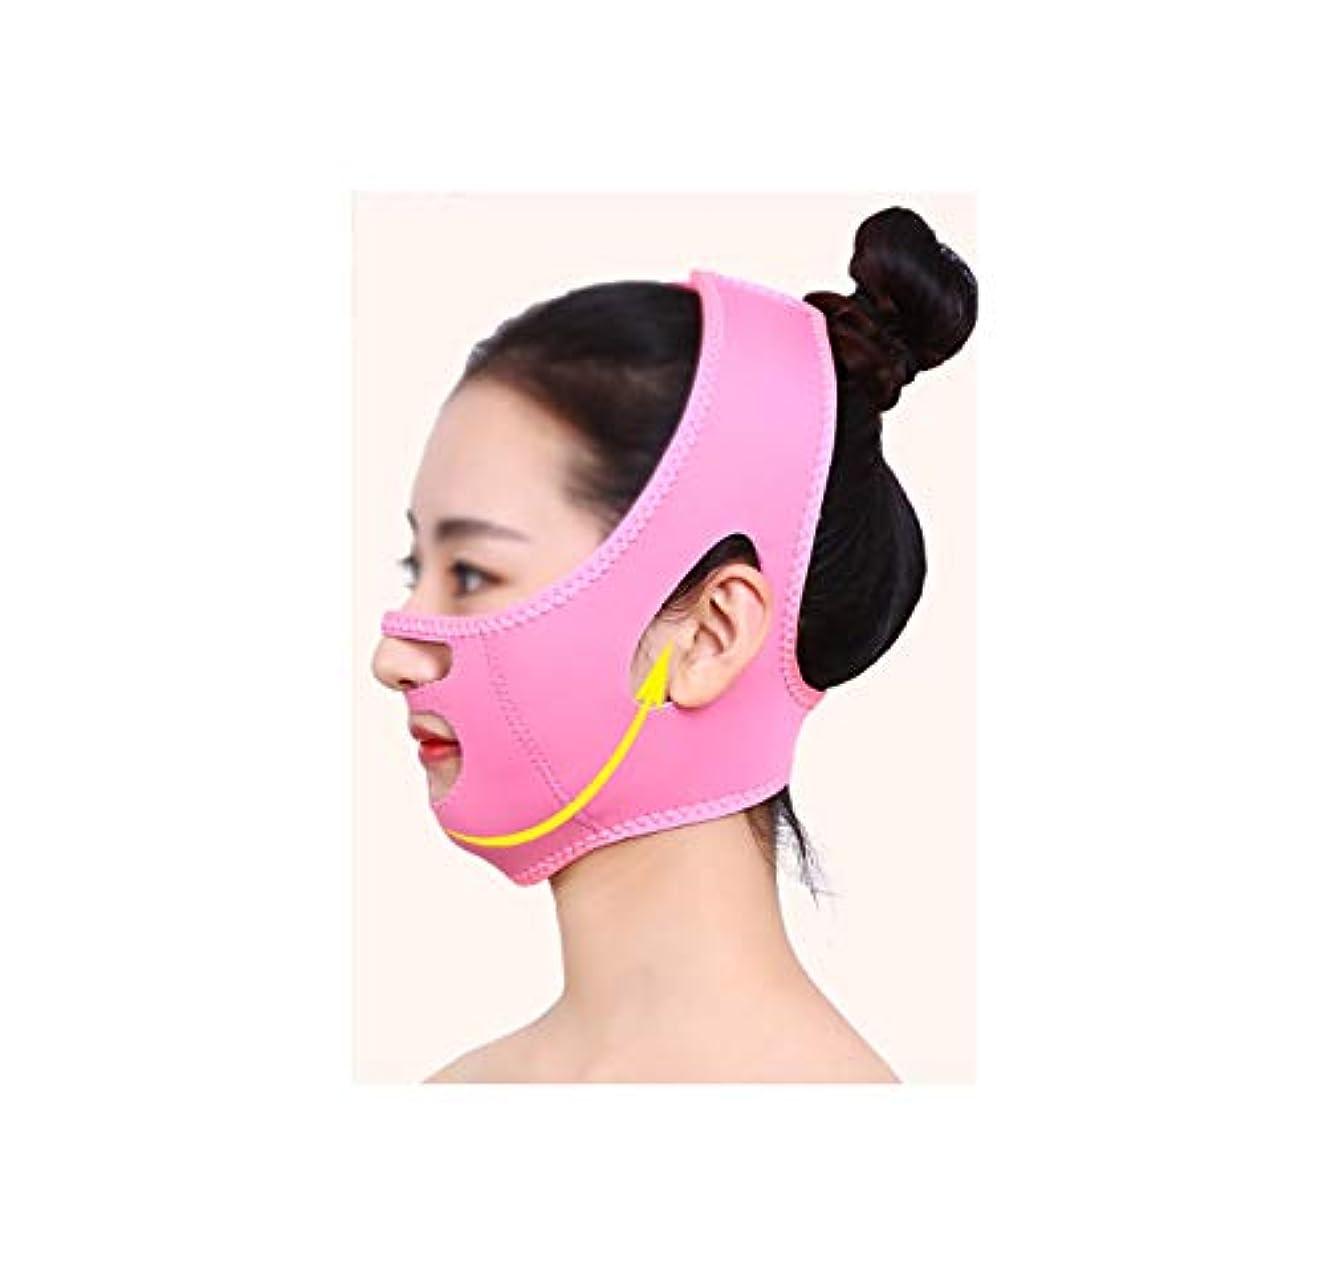 スコアしがみつく瞑想するTLMY 薄い顔マスクマスク顔機美容機器ローラー顔薄い顔Vフェイスマスク二重あご包帯アーティファクト 顔用整形マスク